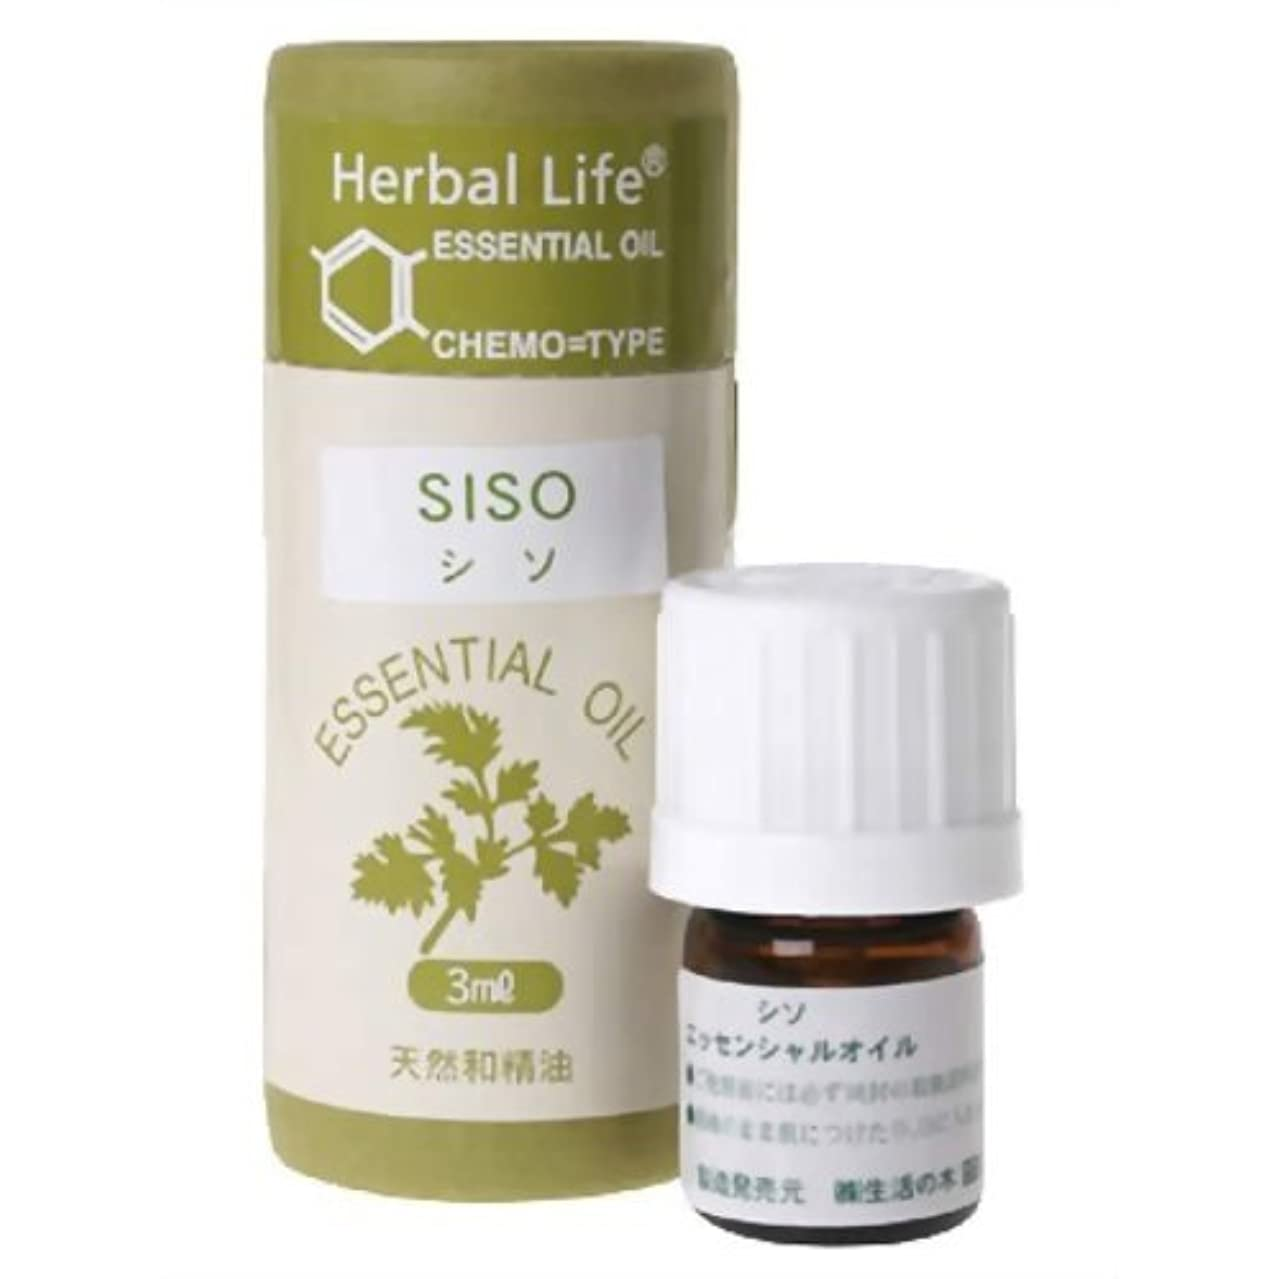 酸化物安らぎかる生活の木 エッセンシャルオイル シソ 3ml 08-455-2390